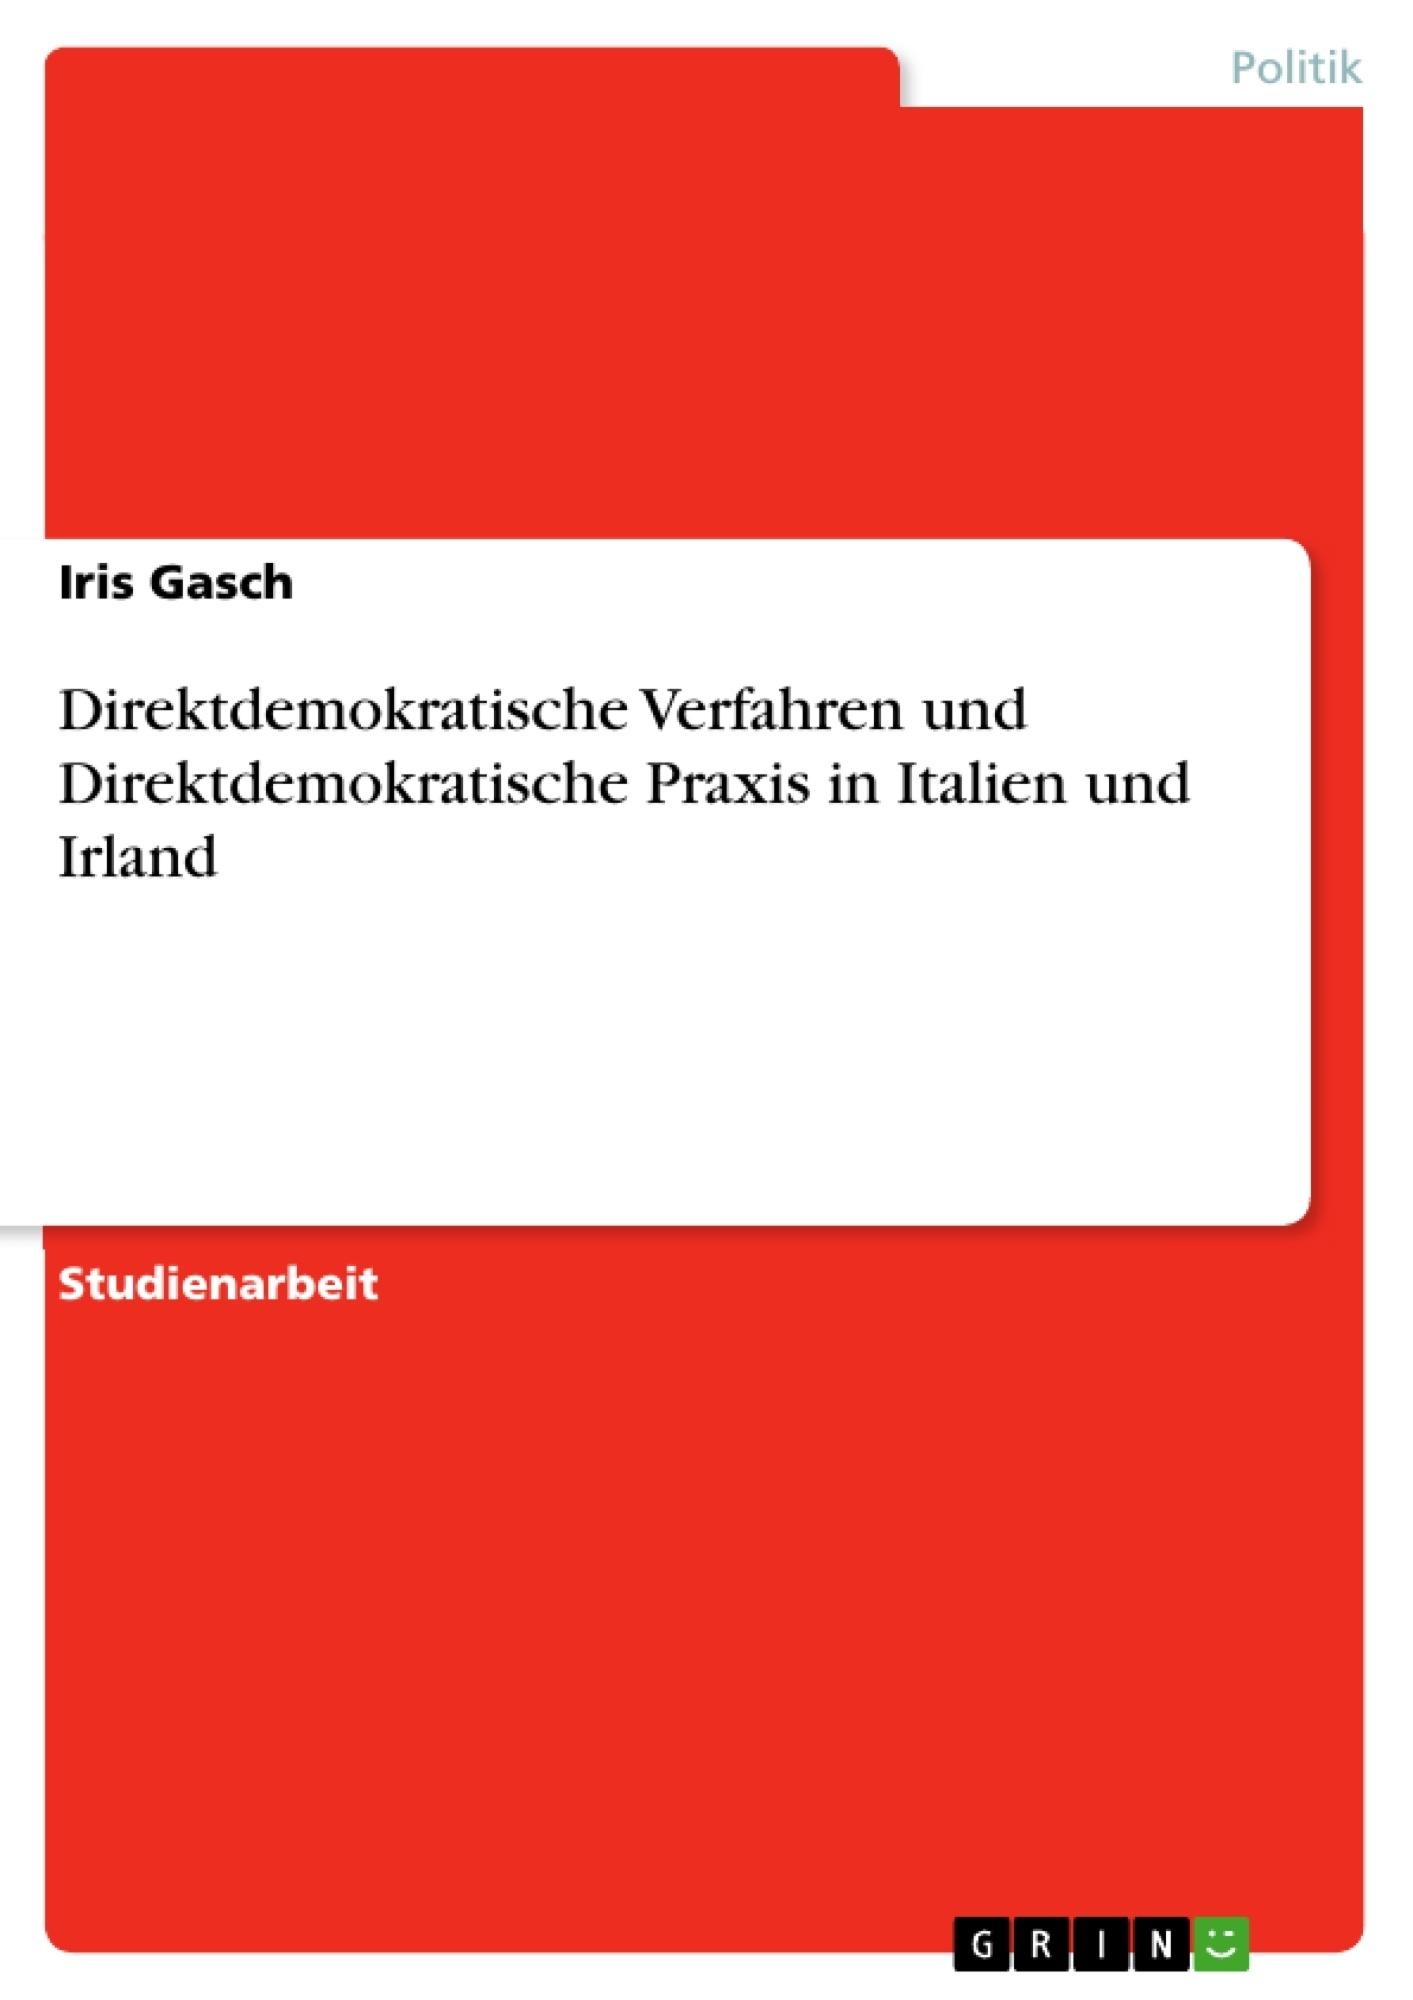 Titel: Direktdemokratische Verfahren und Direktdemokratische Praxis in Italien und Irland